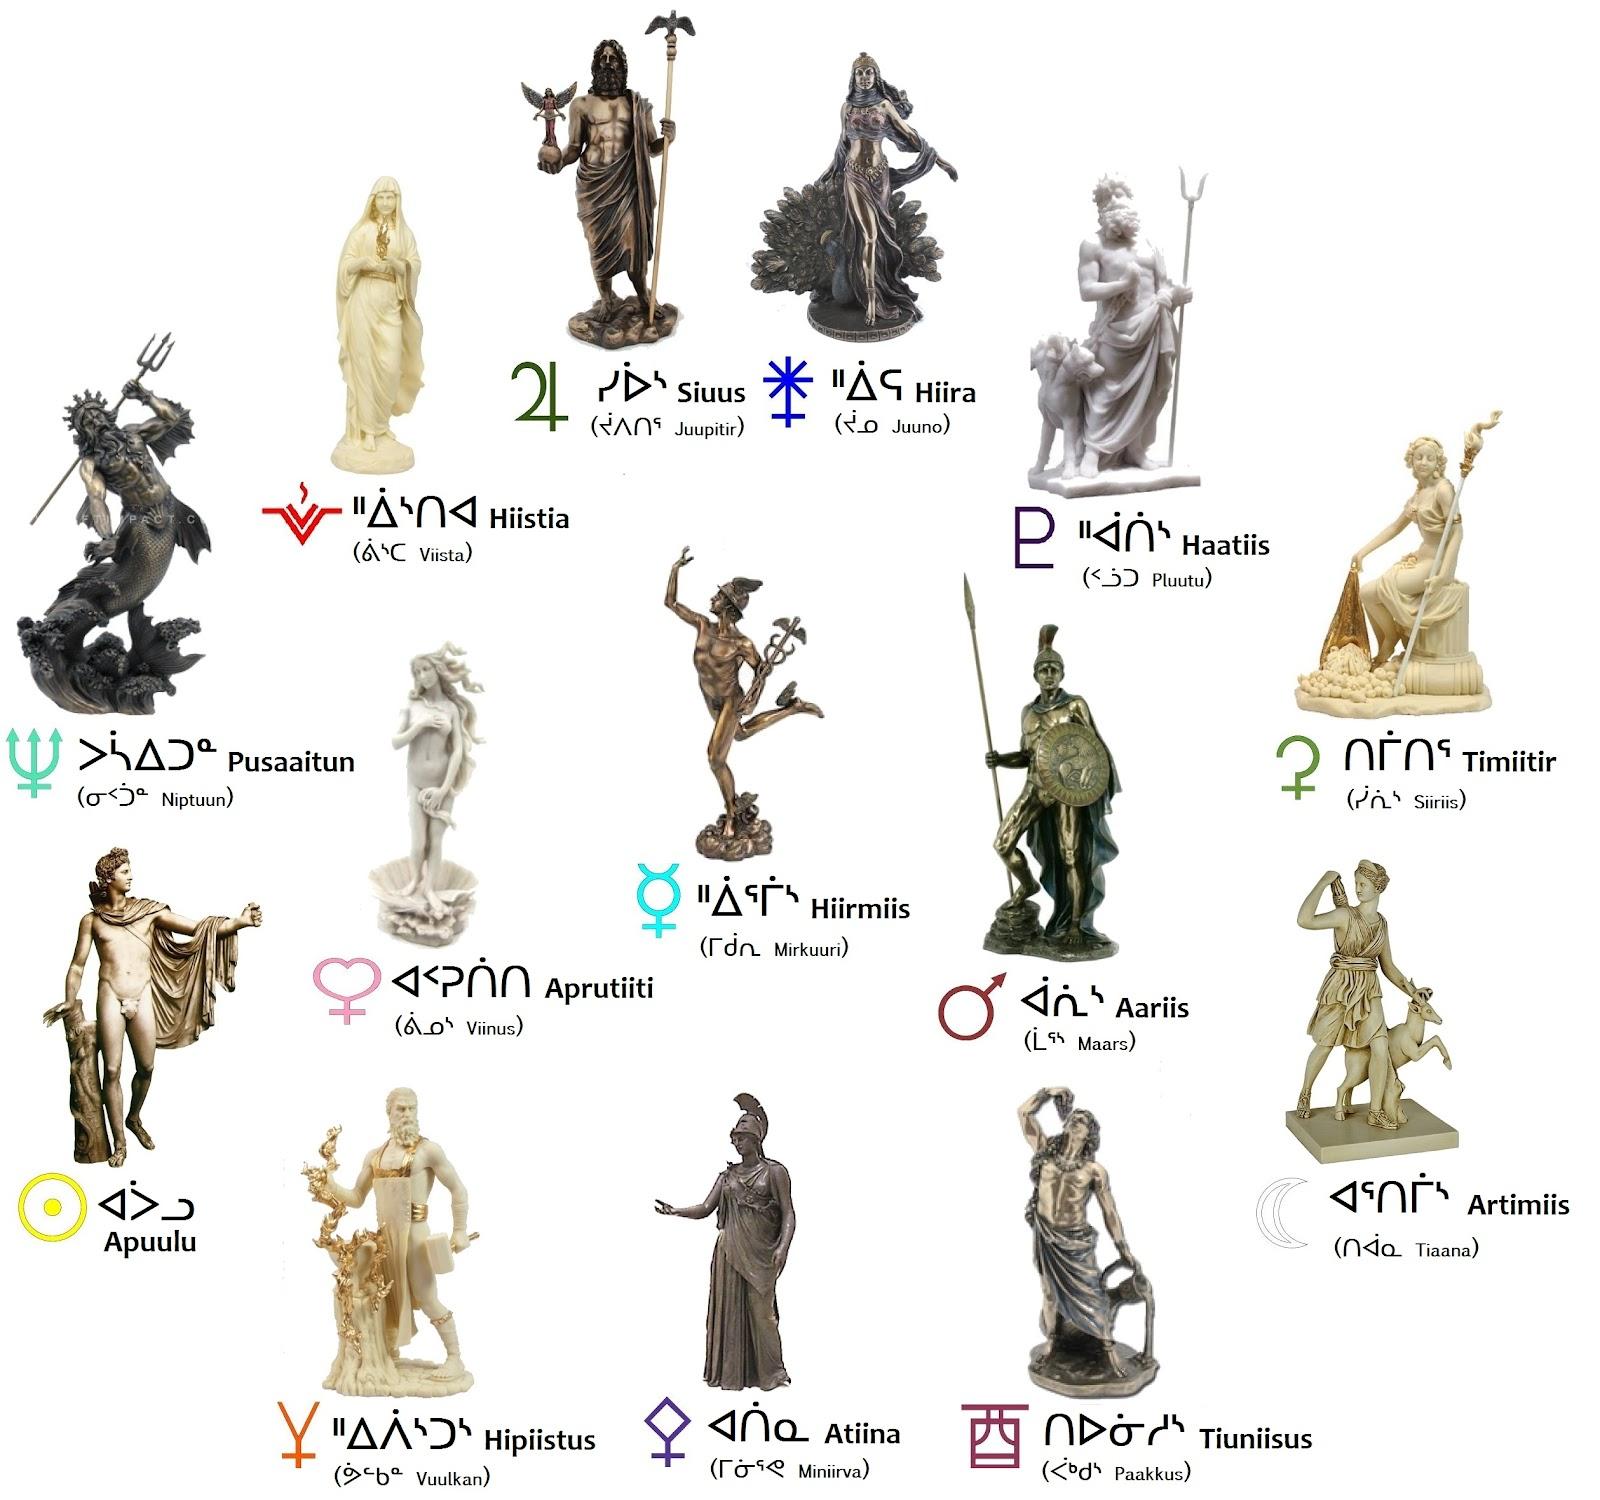 Yunan mitolojisinde olimpos tanrıları